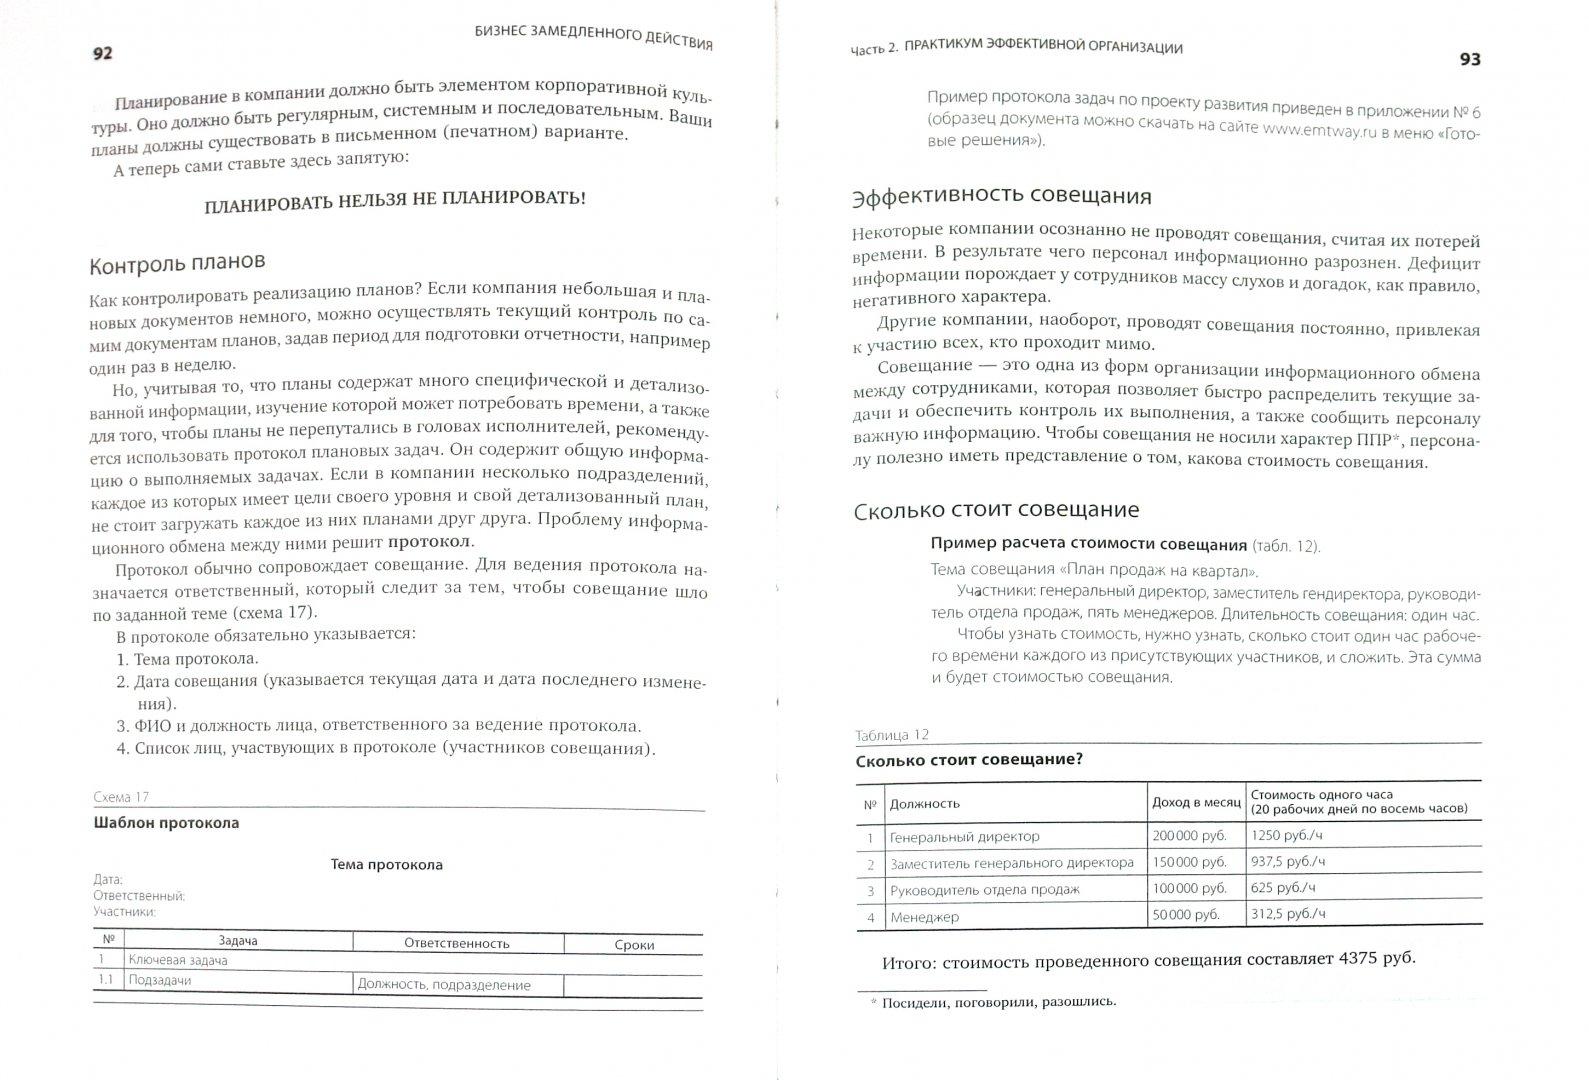 Иллюстрация 1 из 7 для Бизнес замедленного действия, или Практические решения для повышения эффективности организации - Владислав Утенин | Лабиринт - книги. Источник: Лабиринт